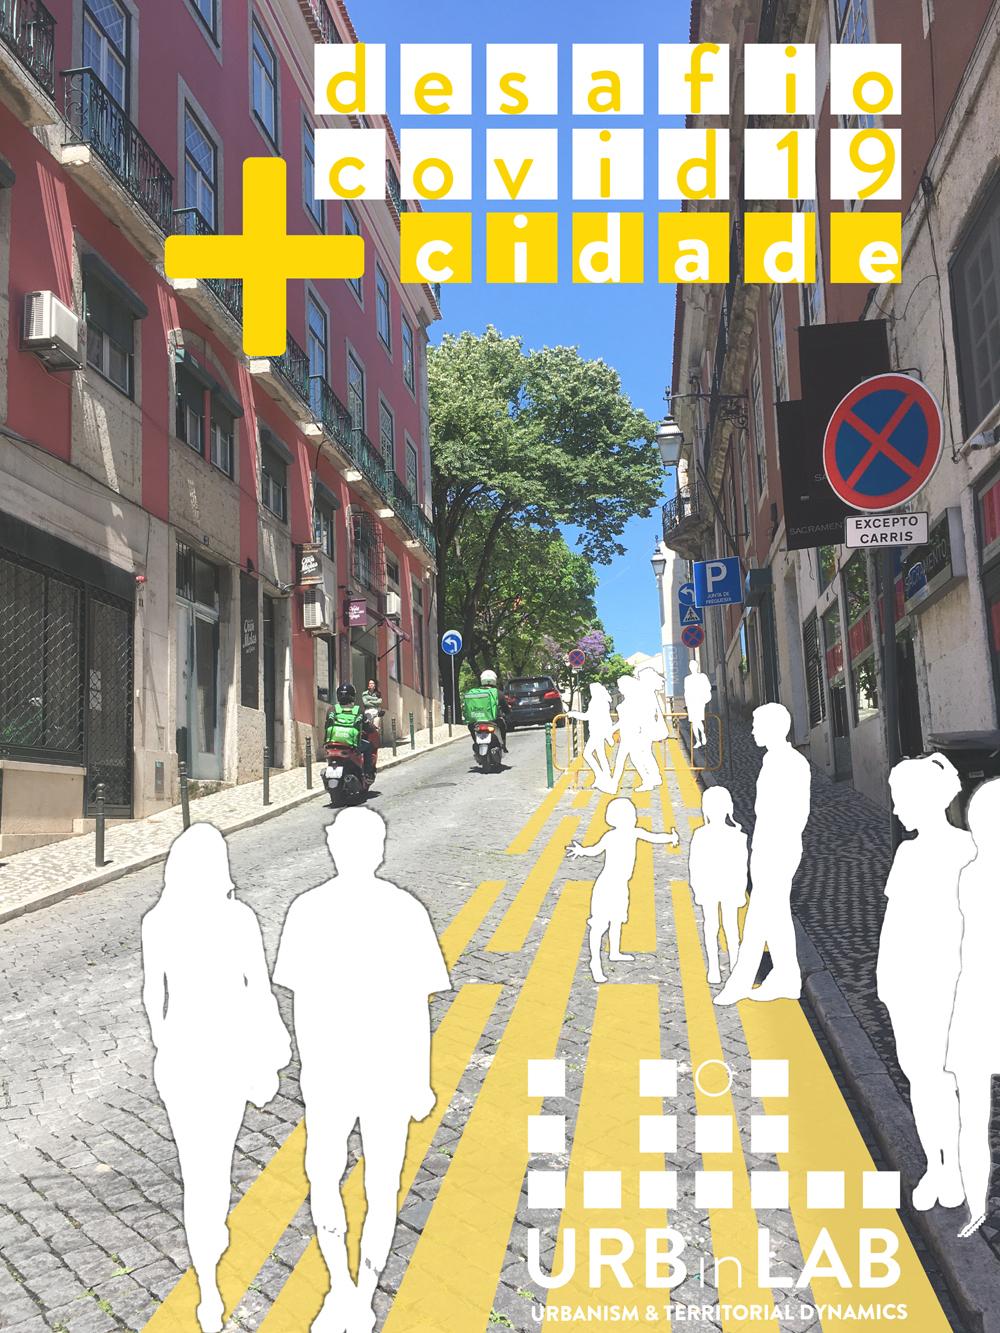 10 medidas para adaptação das Cidades no período pós-COVID-19 - Uma reflexão do URBinLAB